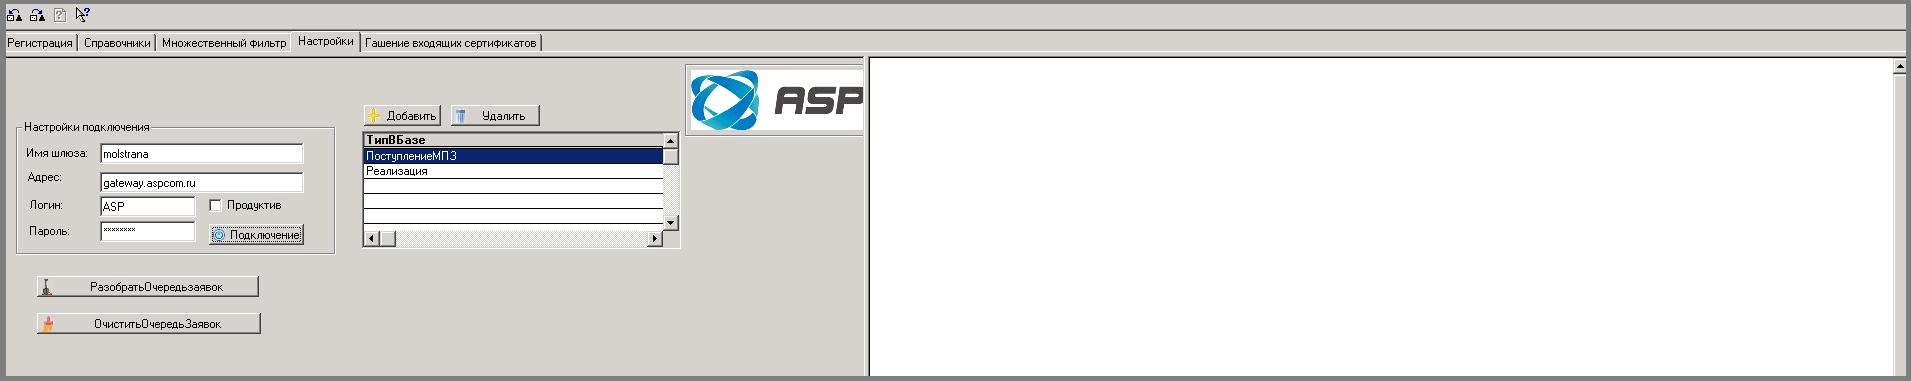 1. Пример раздела 'Настройки' в обработки (в нем задаются параметры для подключения обработки к шлюзу)